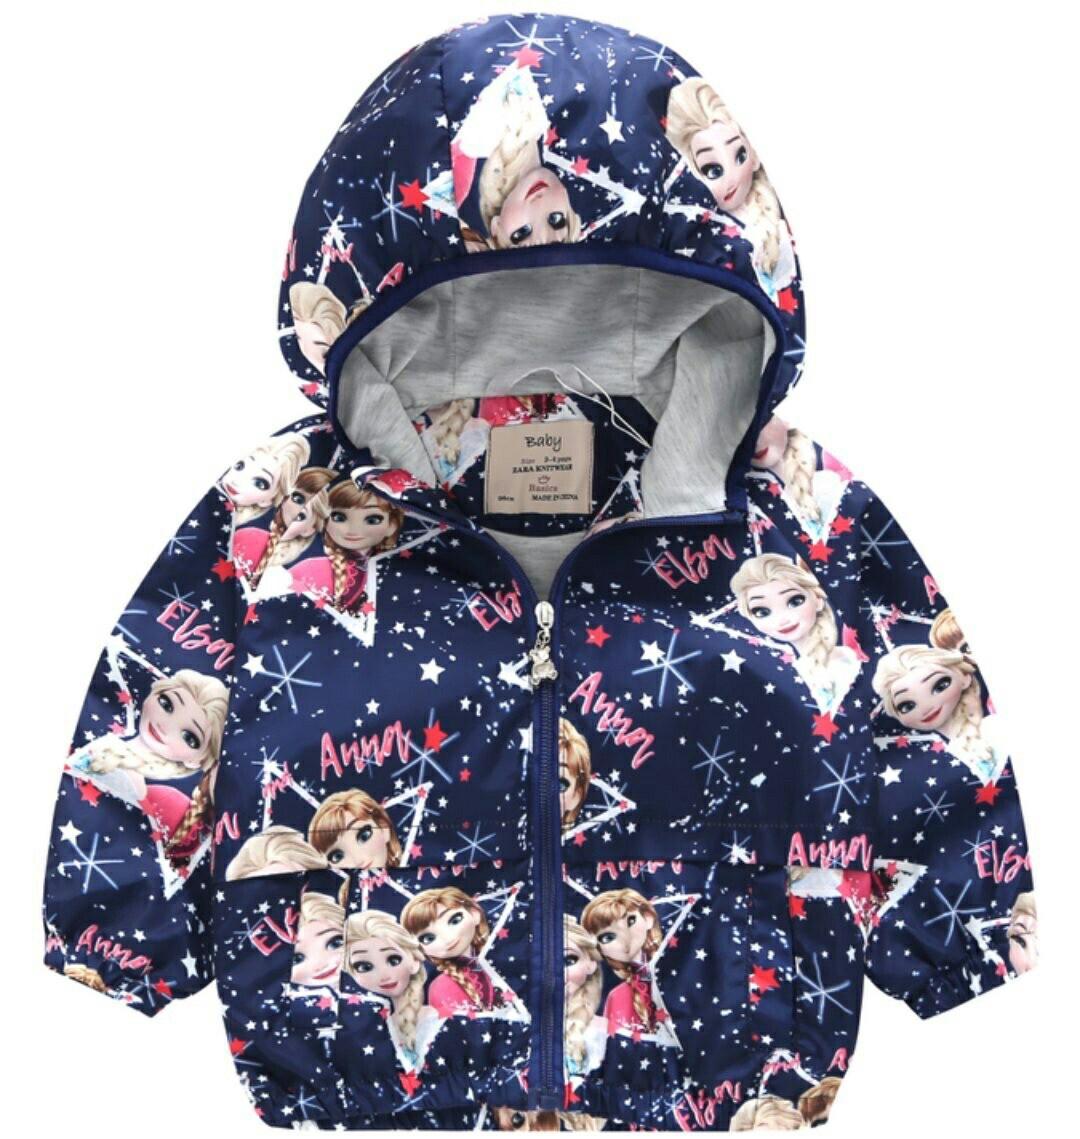 Áo khoác gió 2 lớp bé gái và bé trai zara kid 10-25kg